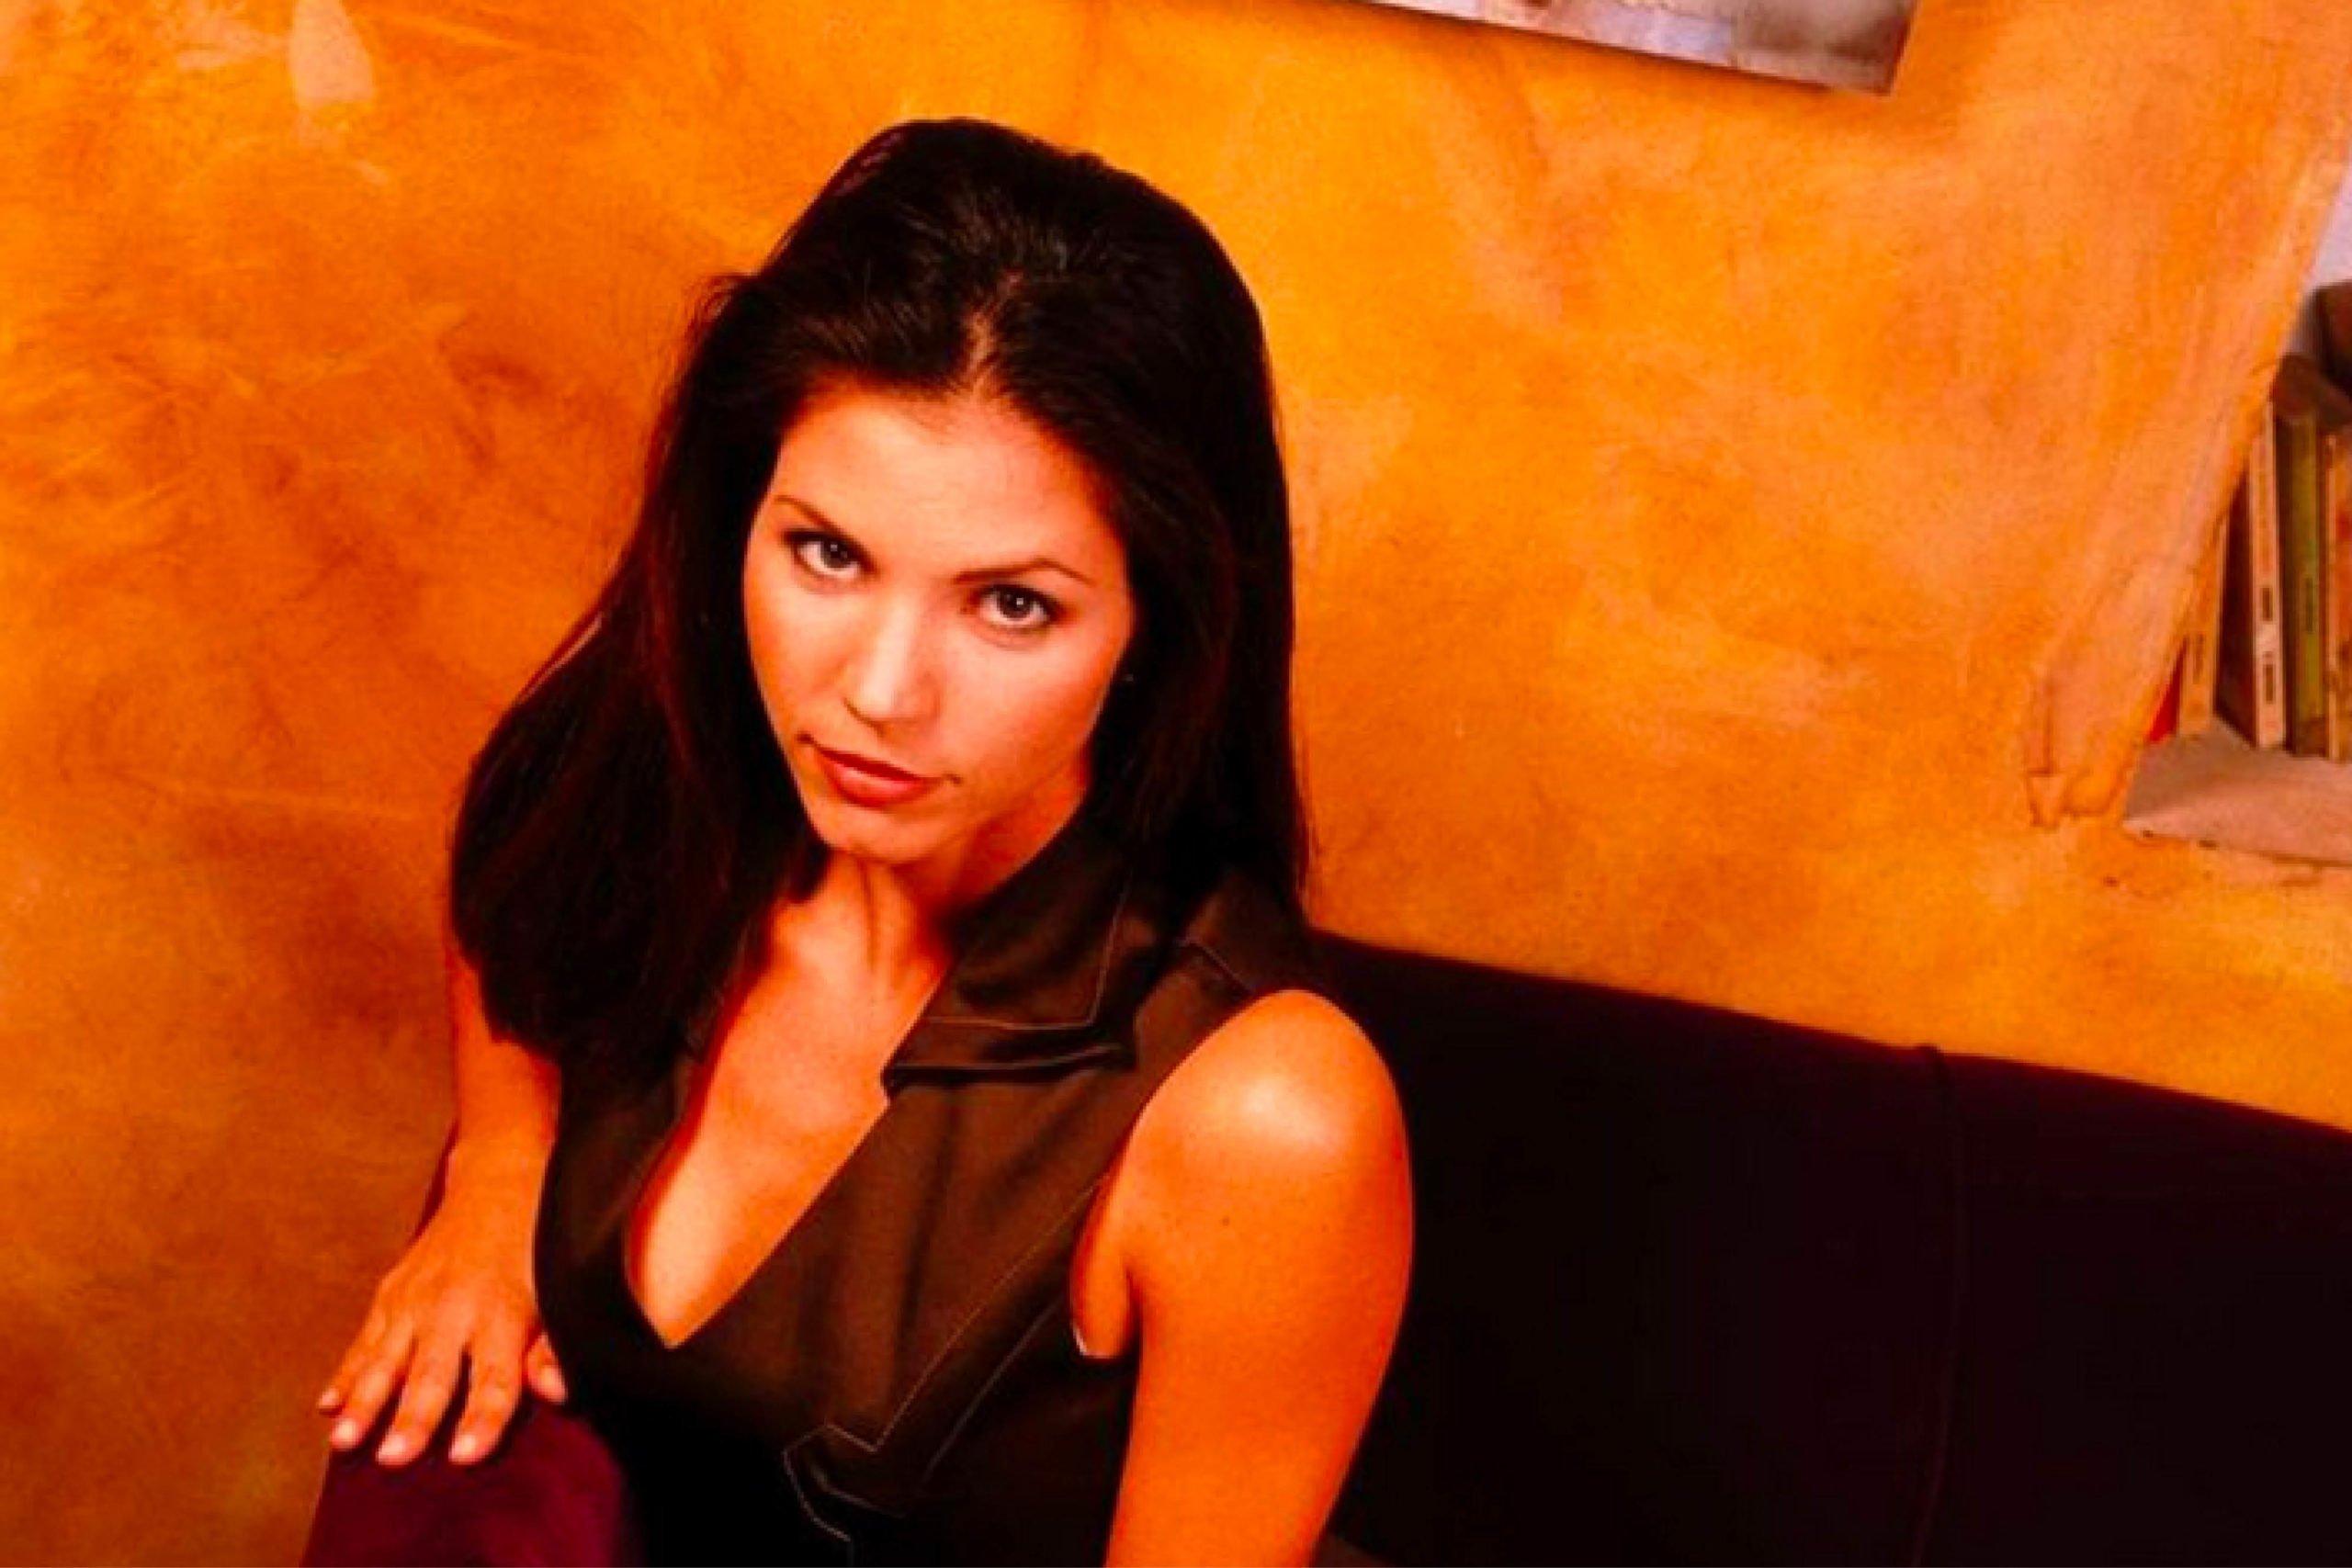 Buffy contre les vampires : Charisma Carpenter dénonce le comportement toxique de Joss Whedon - Journal du geek